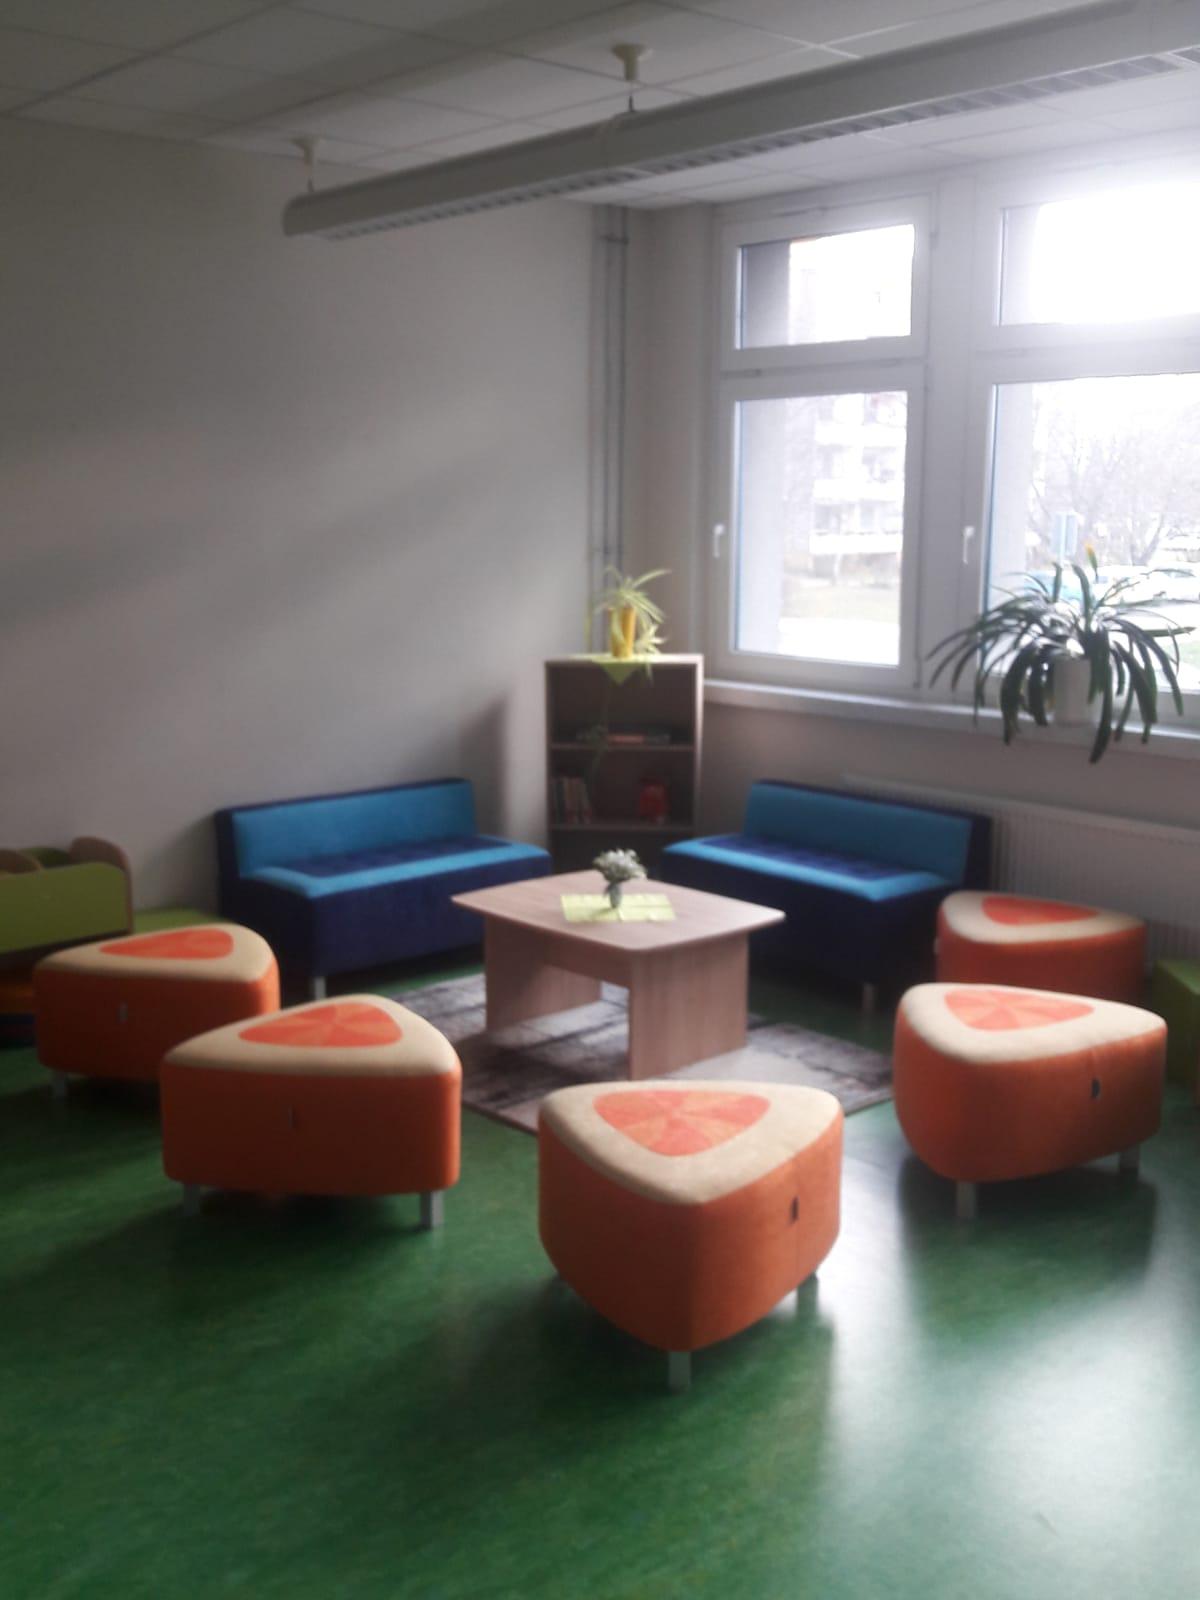 Gemütliche Sitzecke mit Hockern und Sofas im Kreis gestellt, vor einer Fensterfront